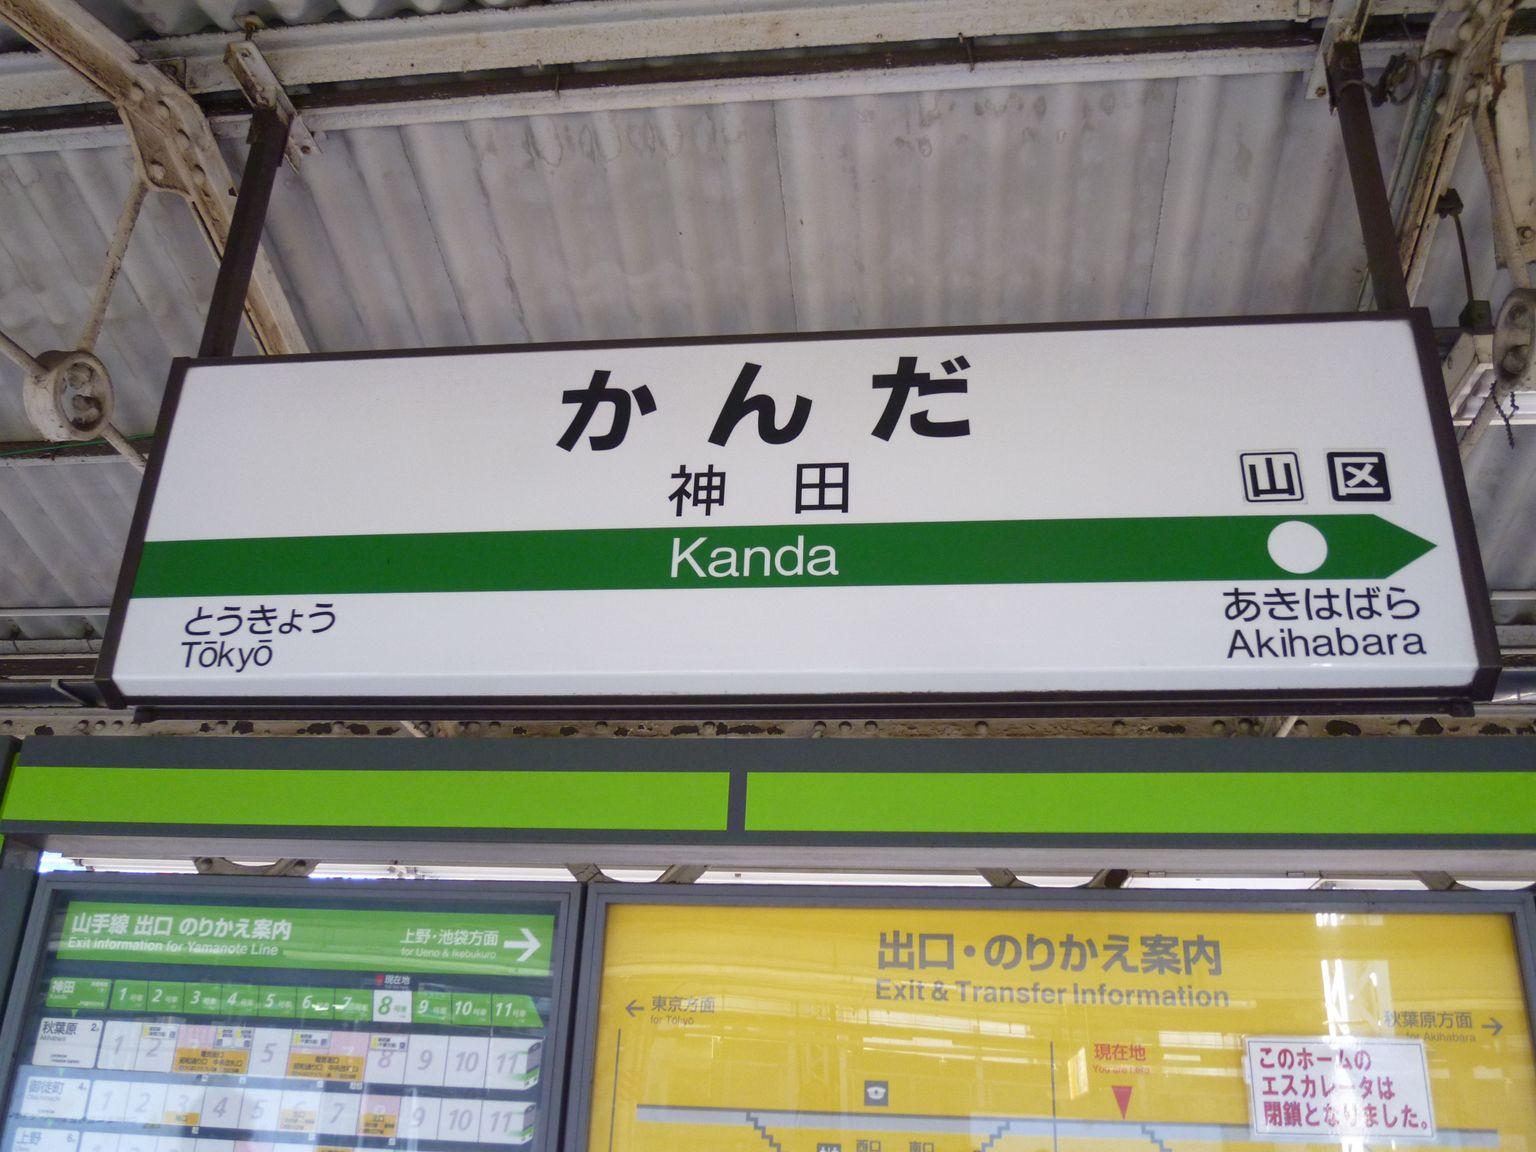 神田駅 山手線 電源 充電 カフェ